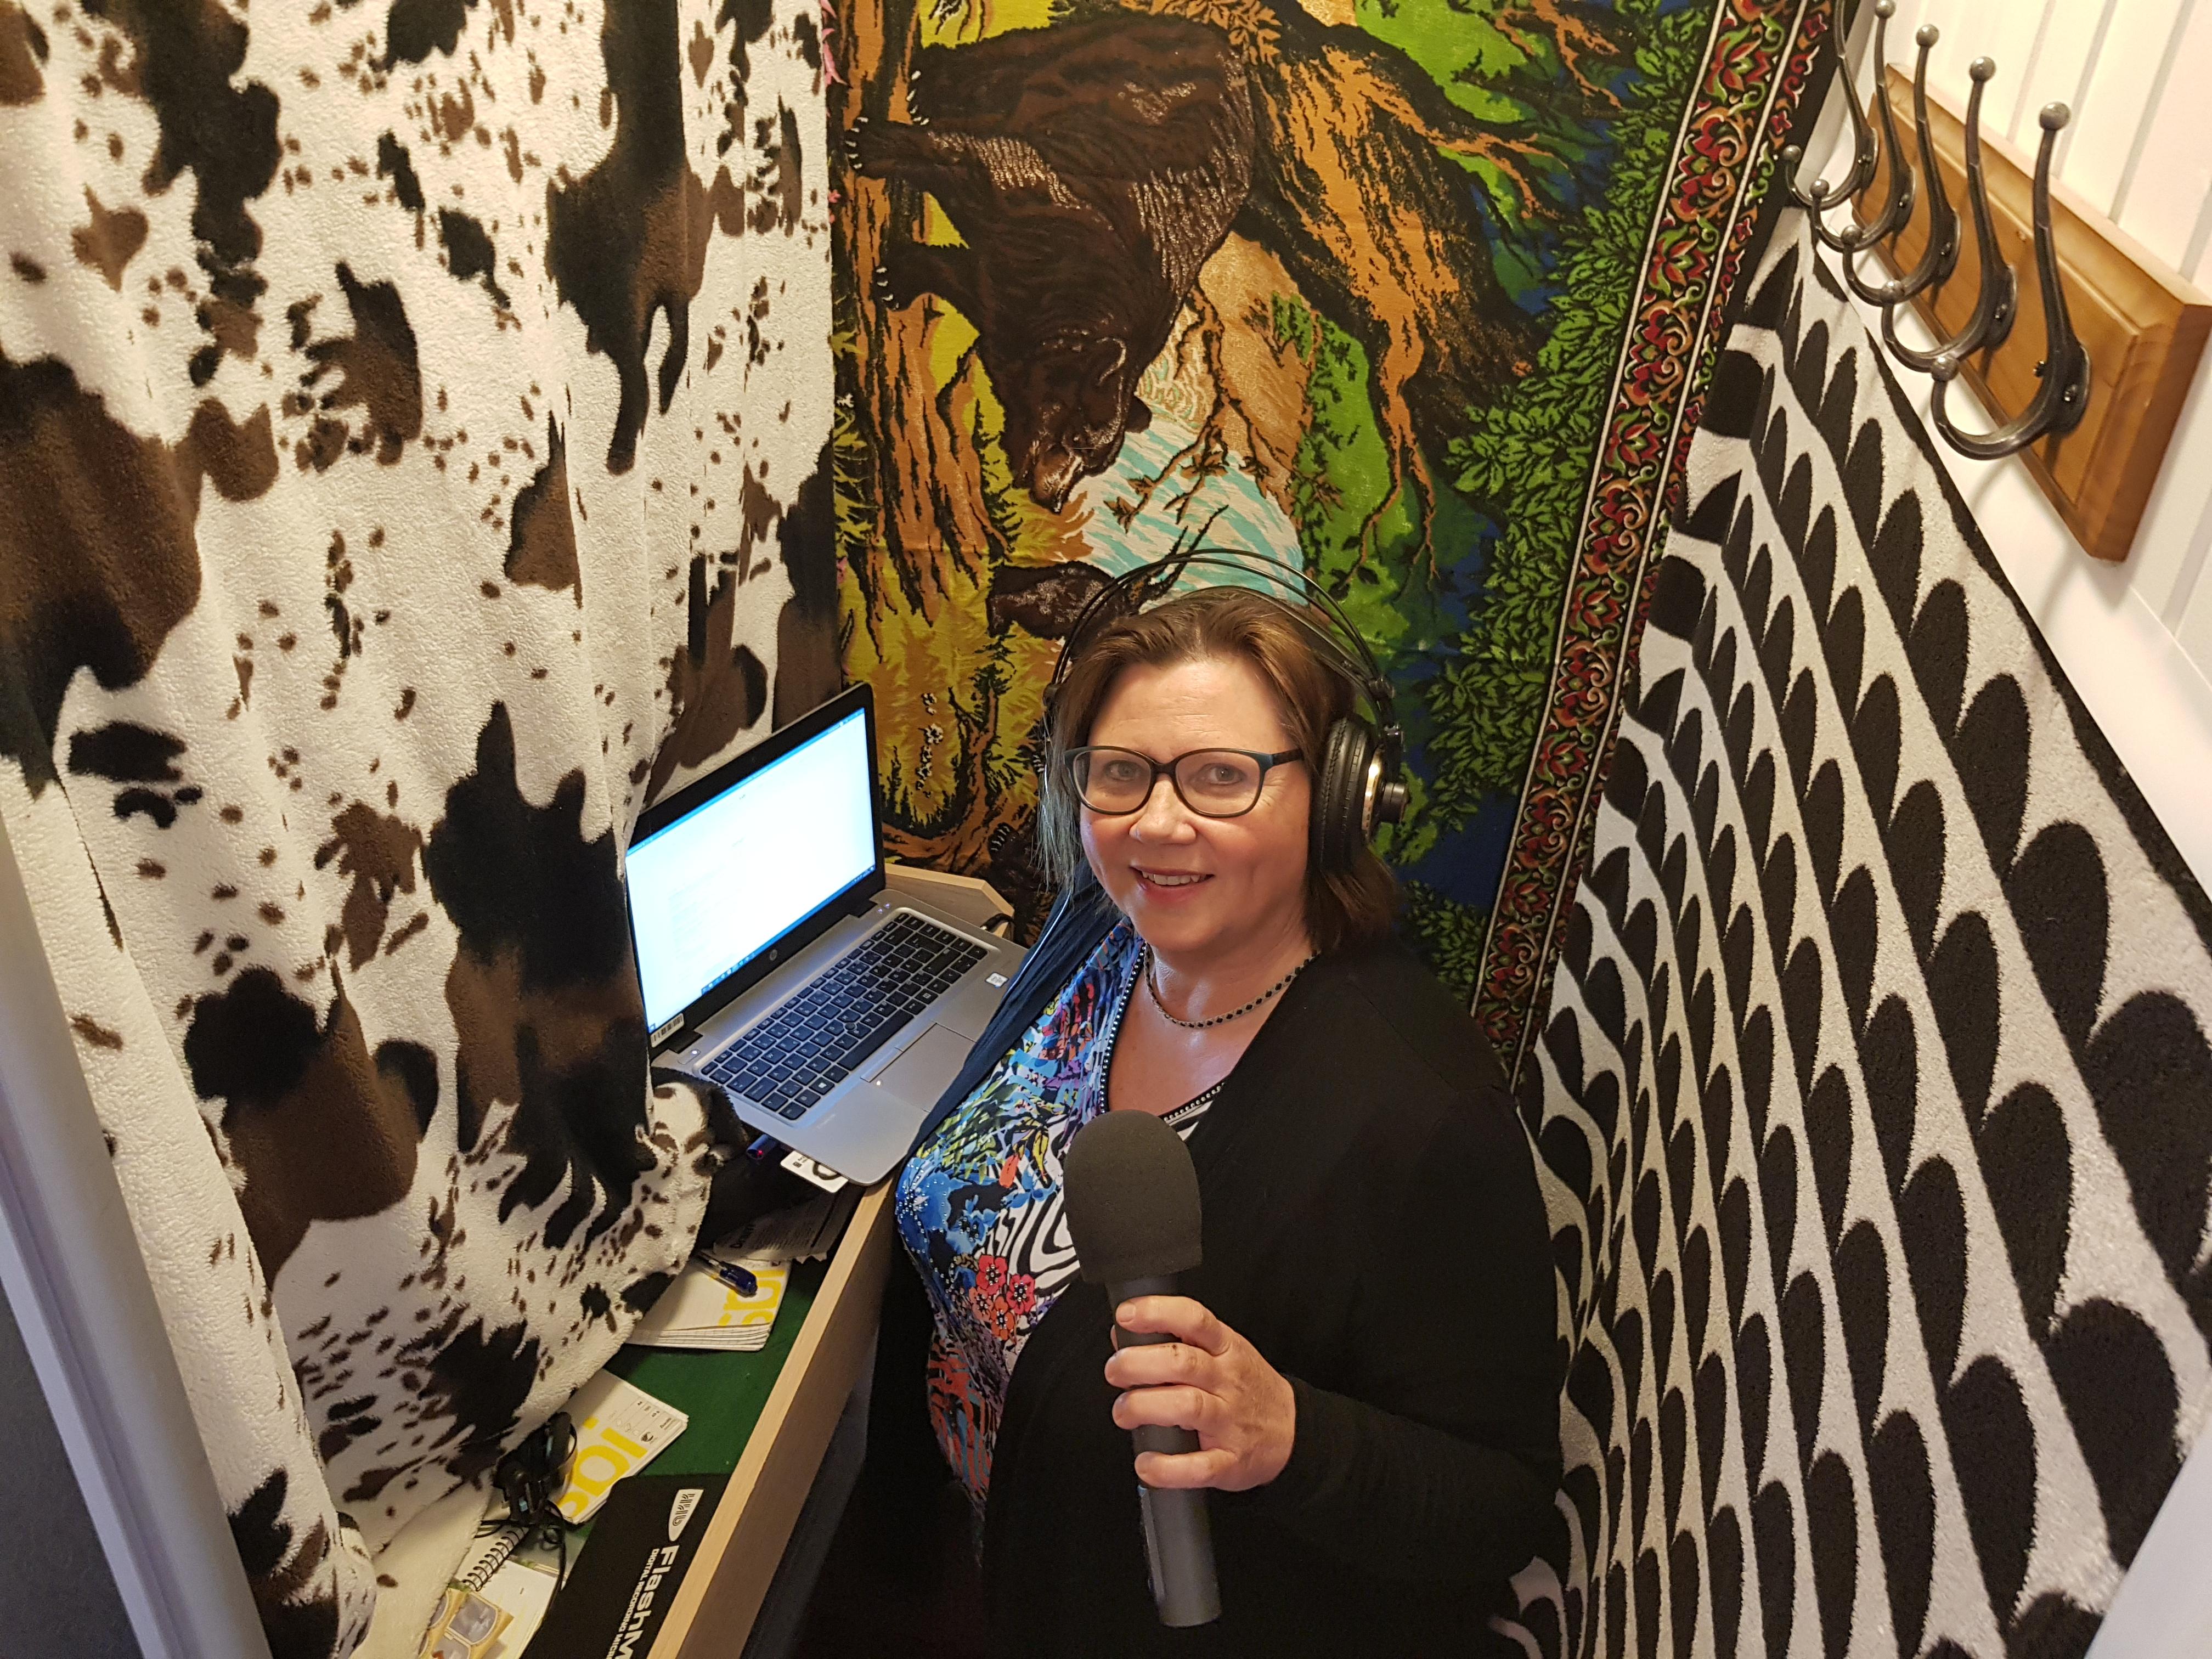 Anette står med mikrofonen i handen inne i sin garderob som har försetts med mjuka plädar på väggarna